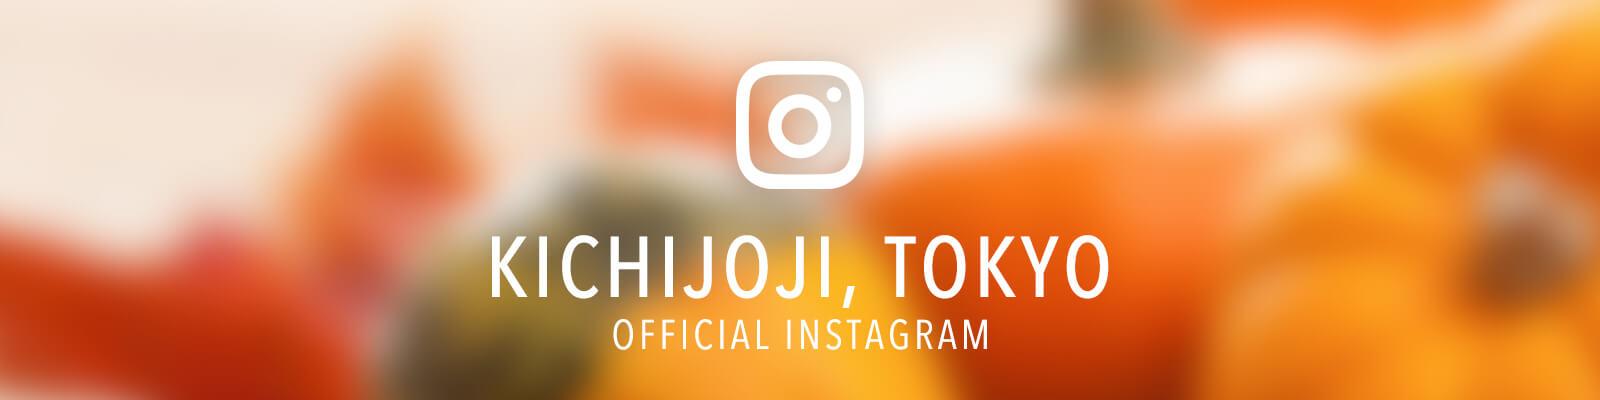 instagram_kichijoji